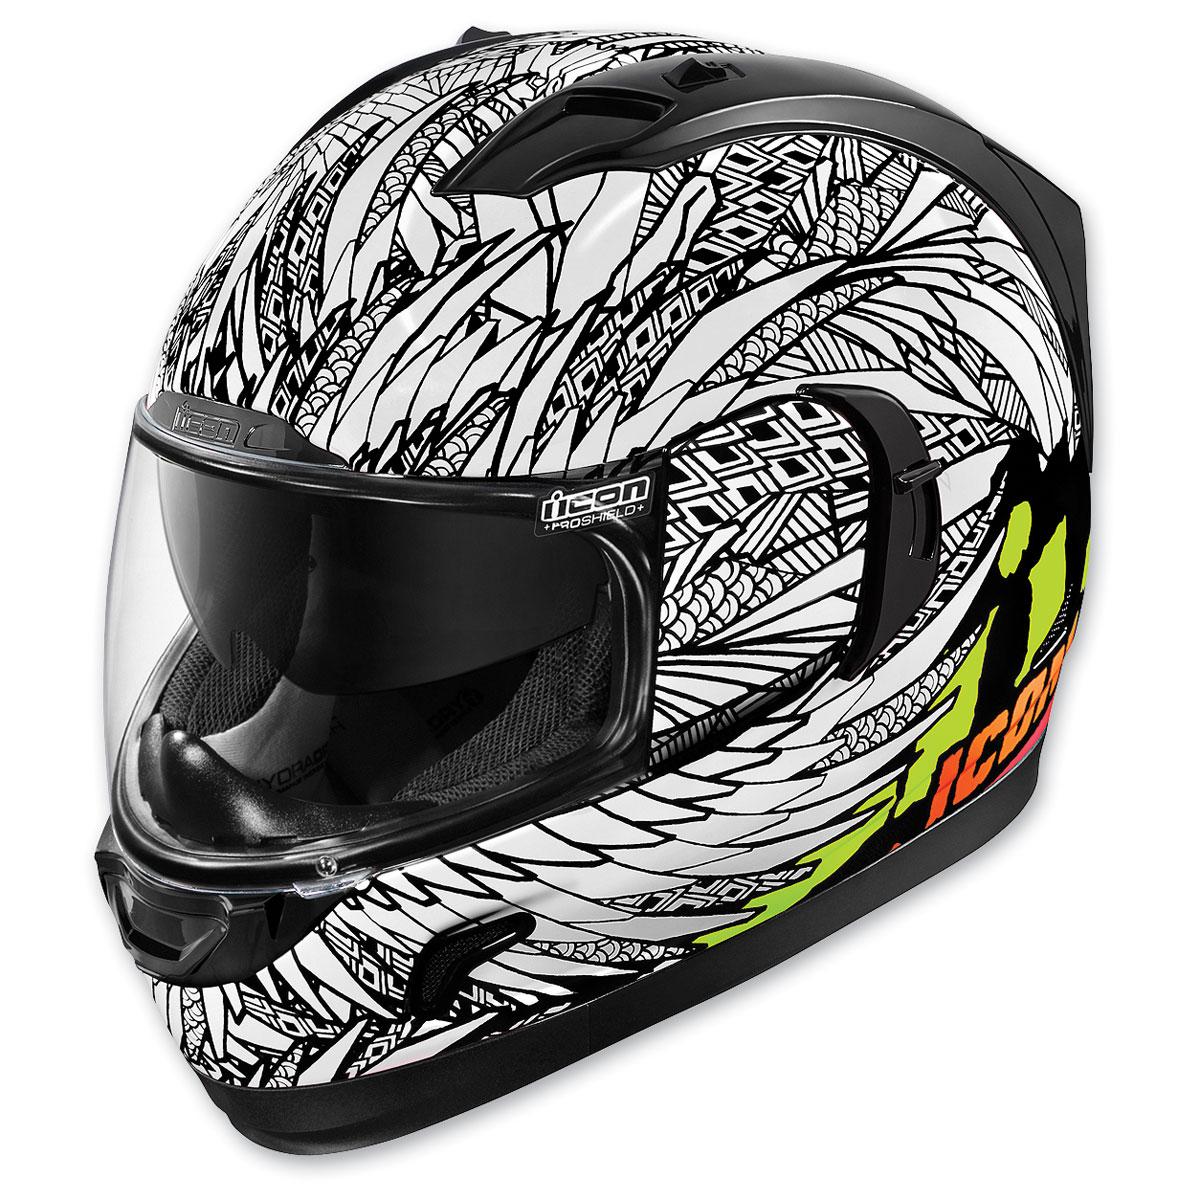 ICON Alliance GT Birdstrike White Full Face Helmet